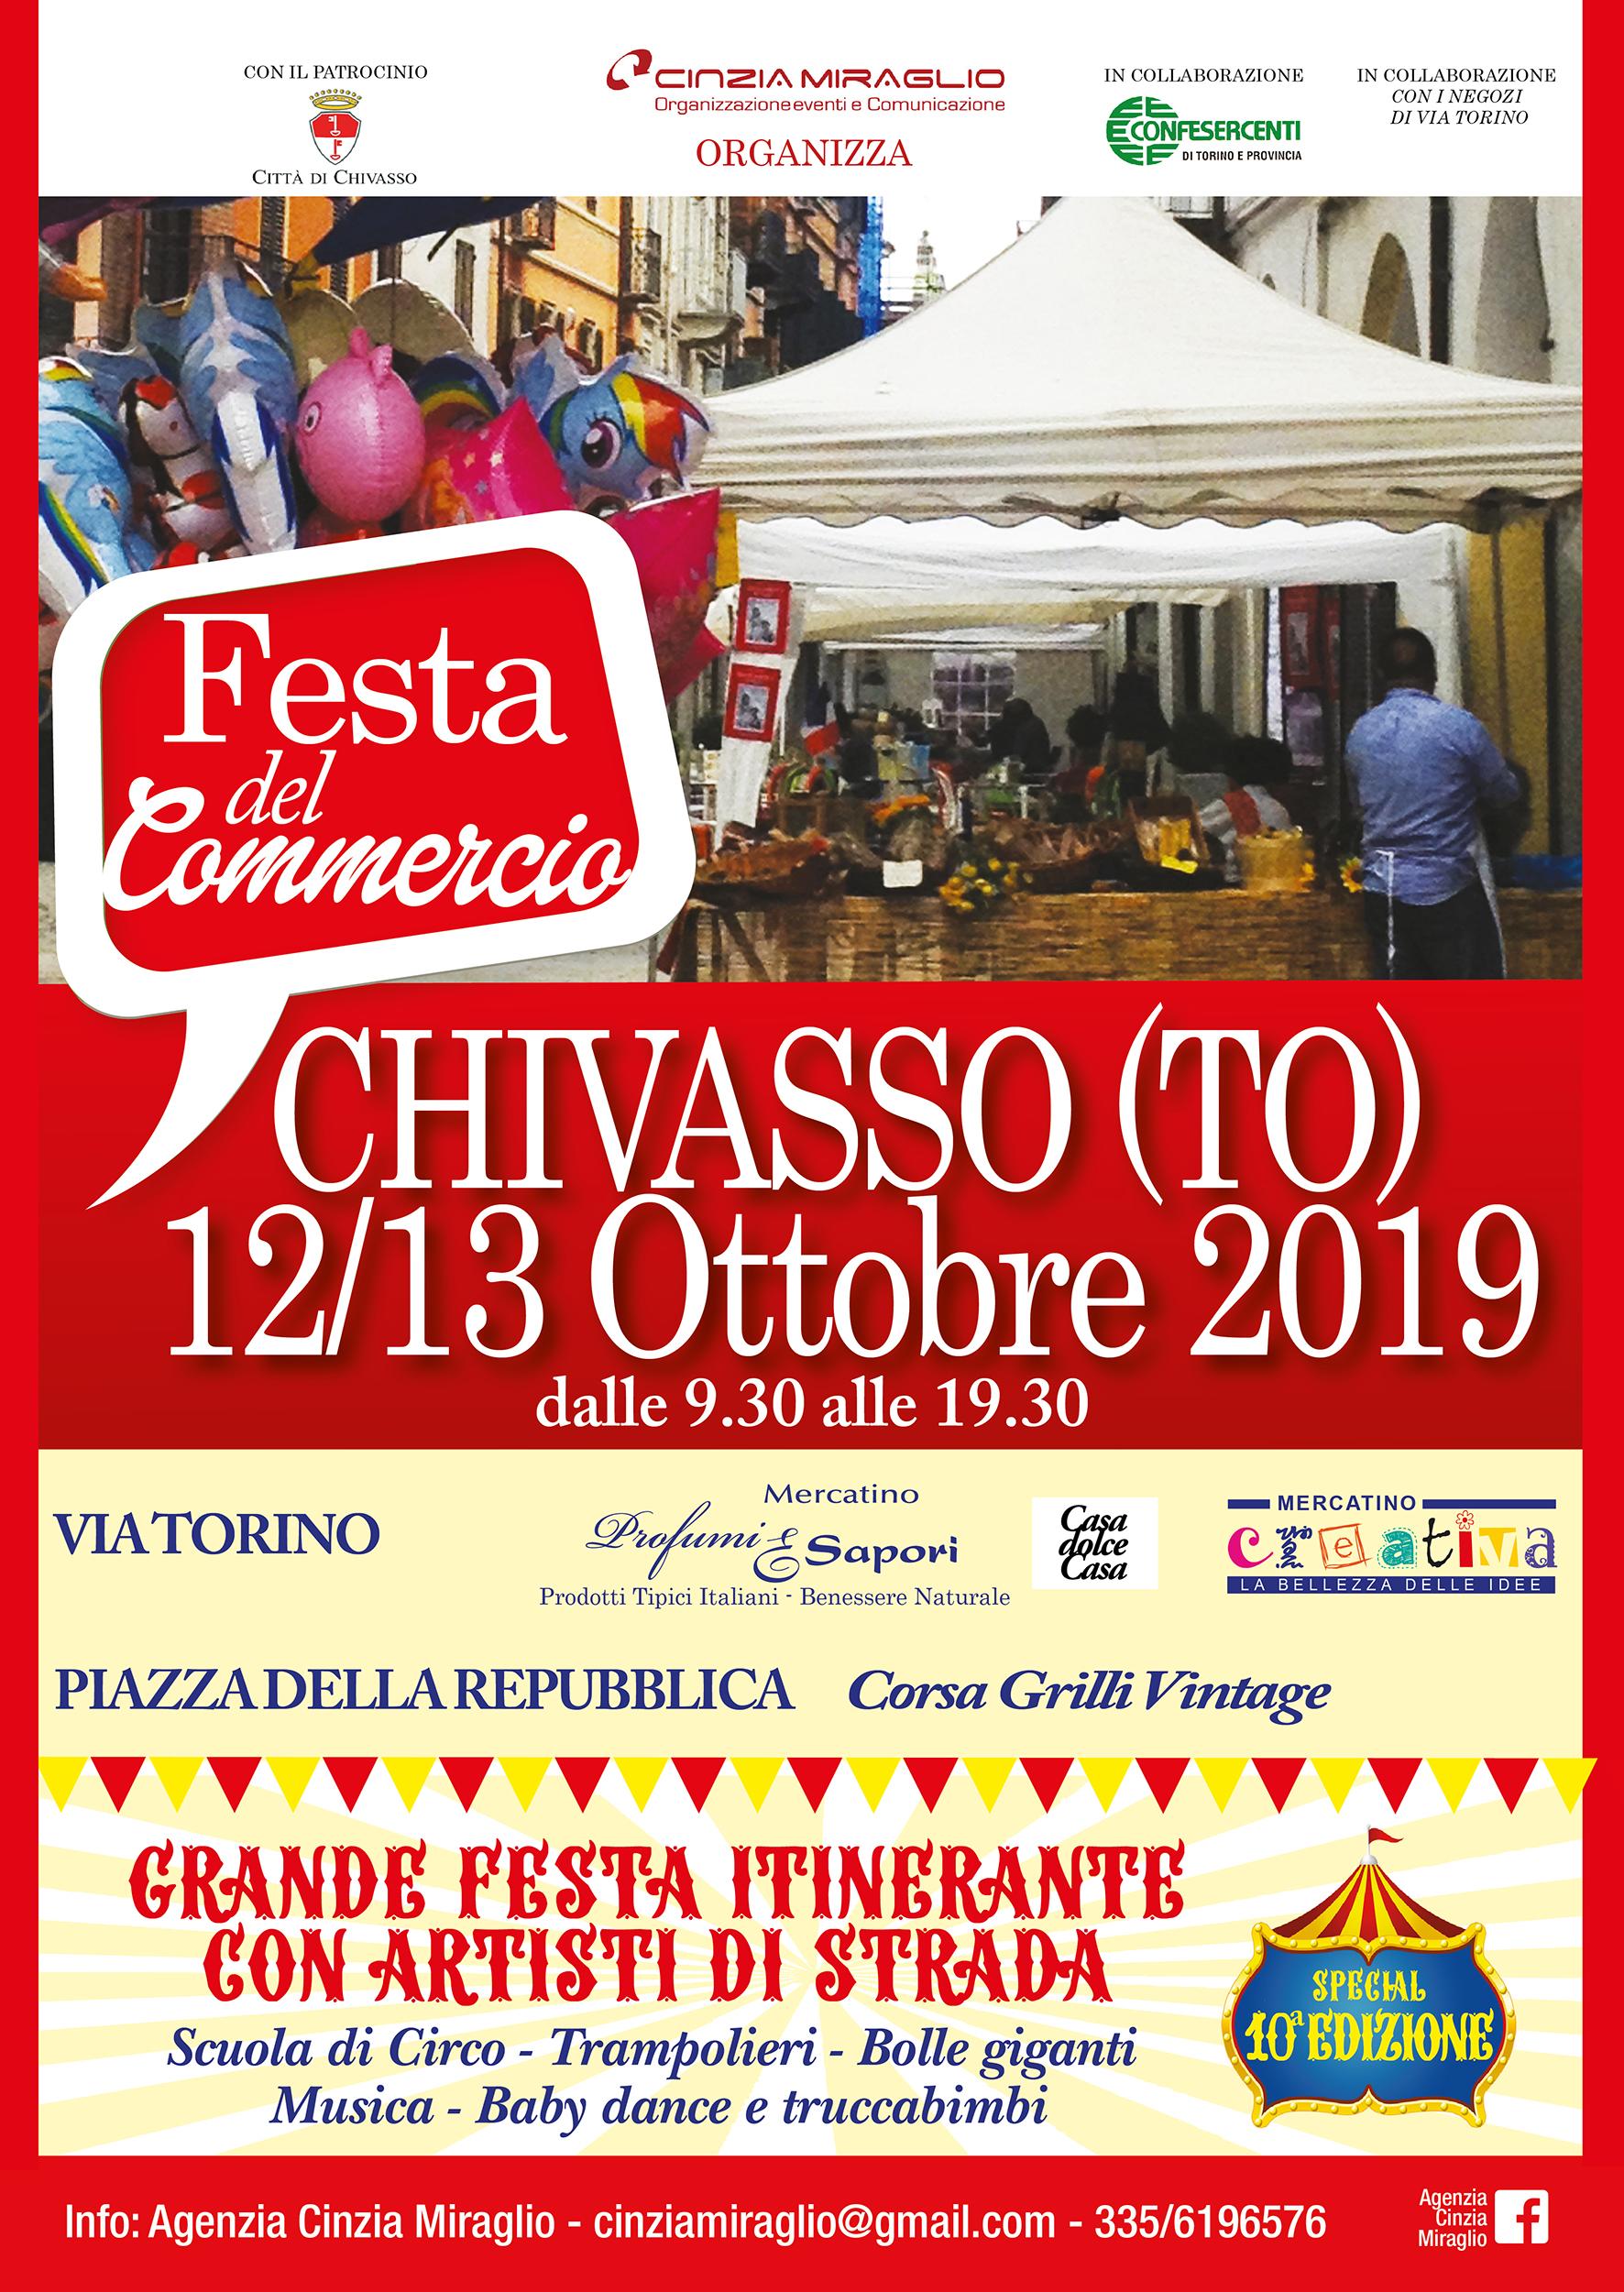 CHIVASSO (TO): Festa del Commercio 2019 - Circus Edition